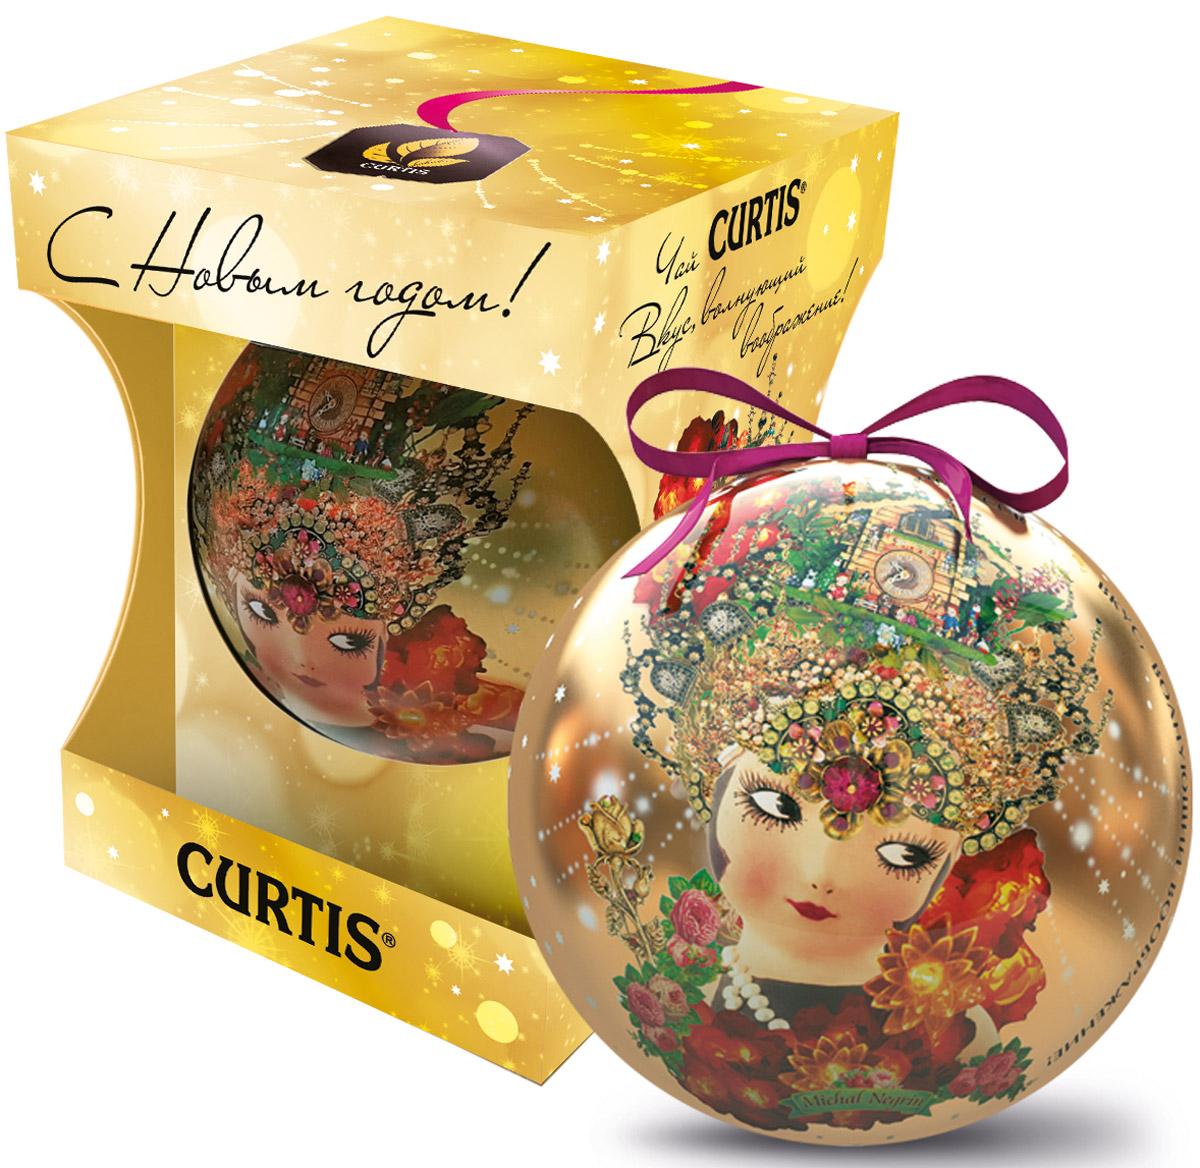 Curtis She-Shy Christmas Ball желтый, черный листовой чай, 30 г100134Превосходный черный цейлонский чай Curtis She-Shy Christmas Ball в новогодней подарочной упаковке в форме шара золотого цвета. Отлично подойдет в качестве подарка на новогодние праздники.Уважаемые клиенты! Обращаем ваше внимание на то, что упаковка может иметь несколько видов дизайна. Поставка осуществляется в зависимости от наличия на складе.